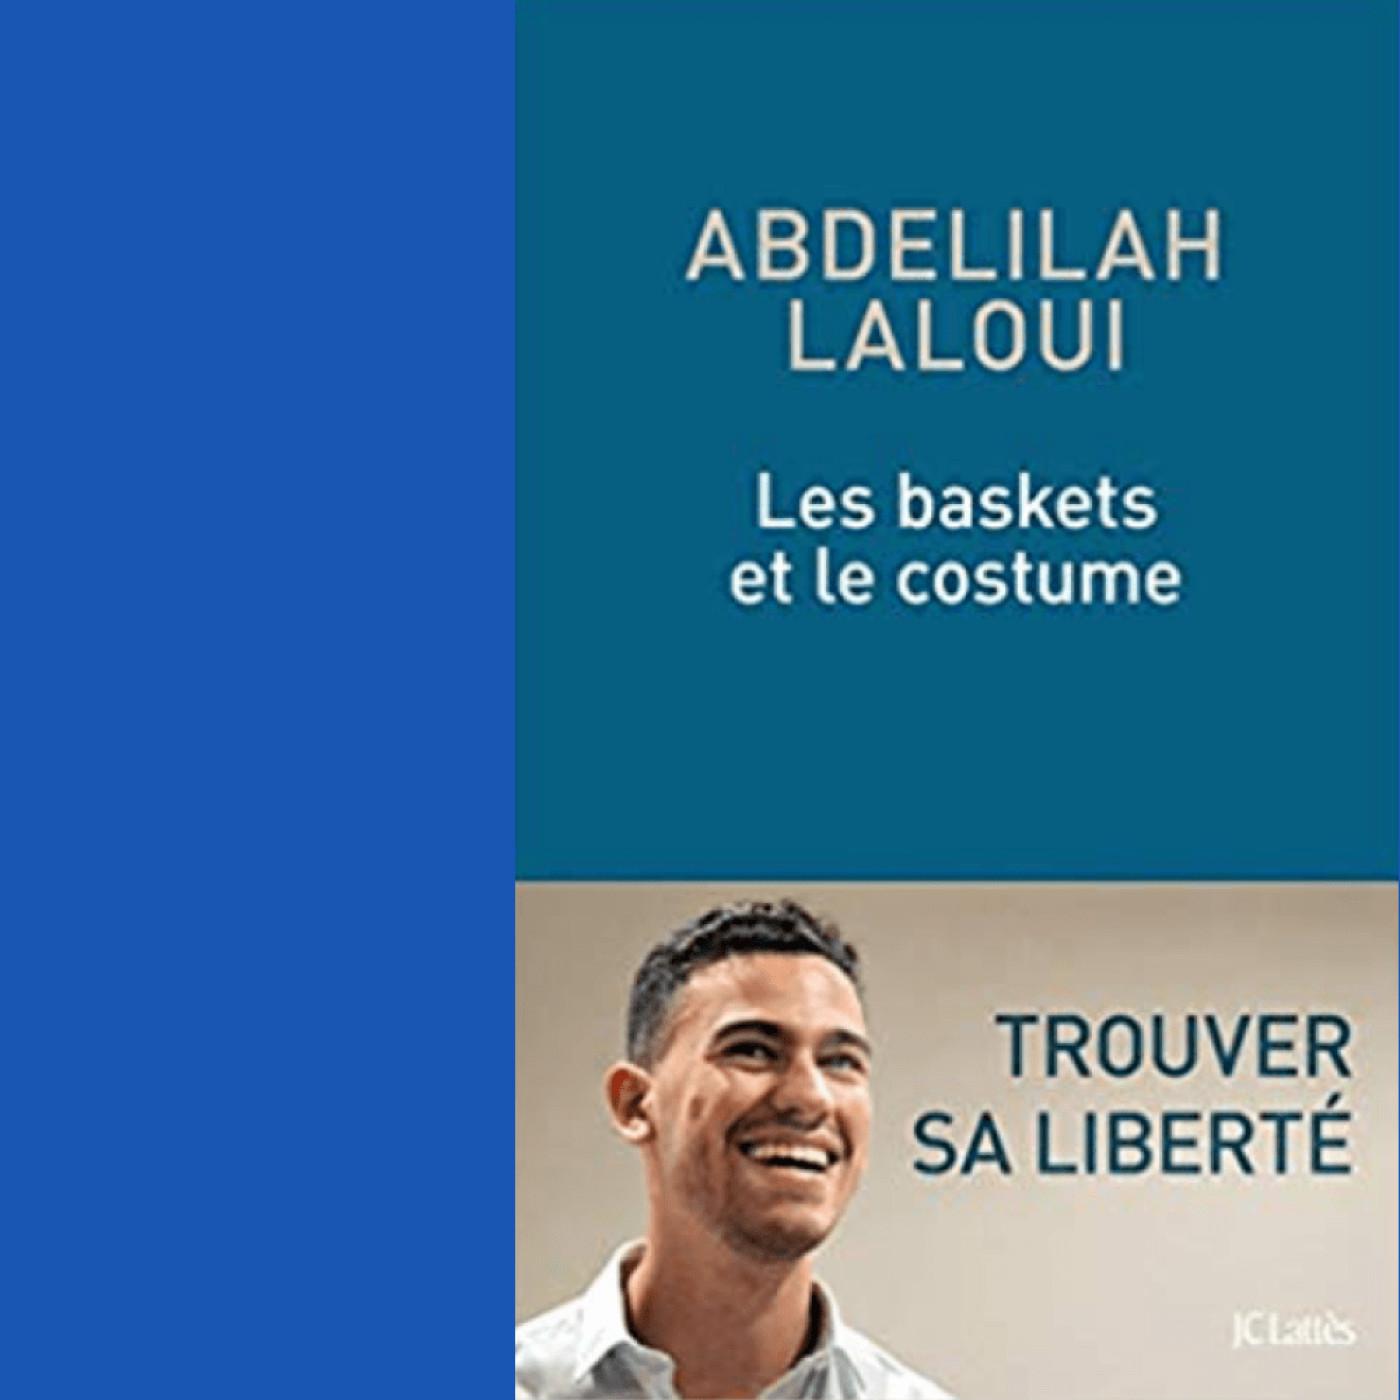 Les baskets et le costume (extrait du livre de Abdelilah Laloui)